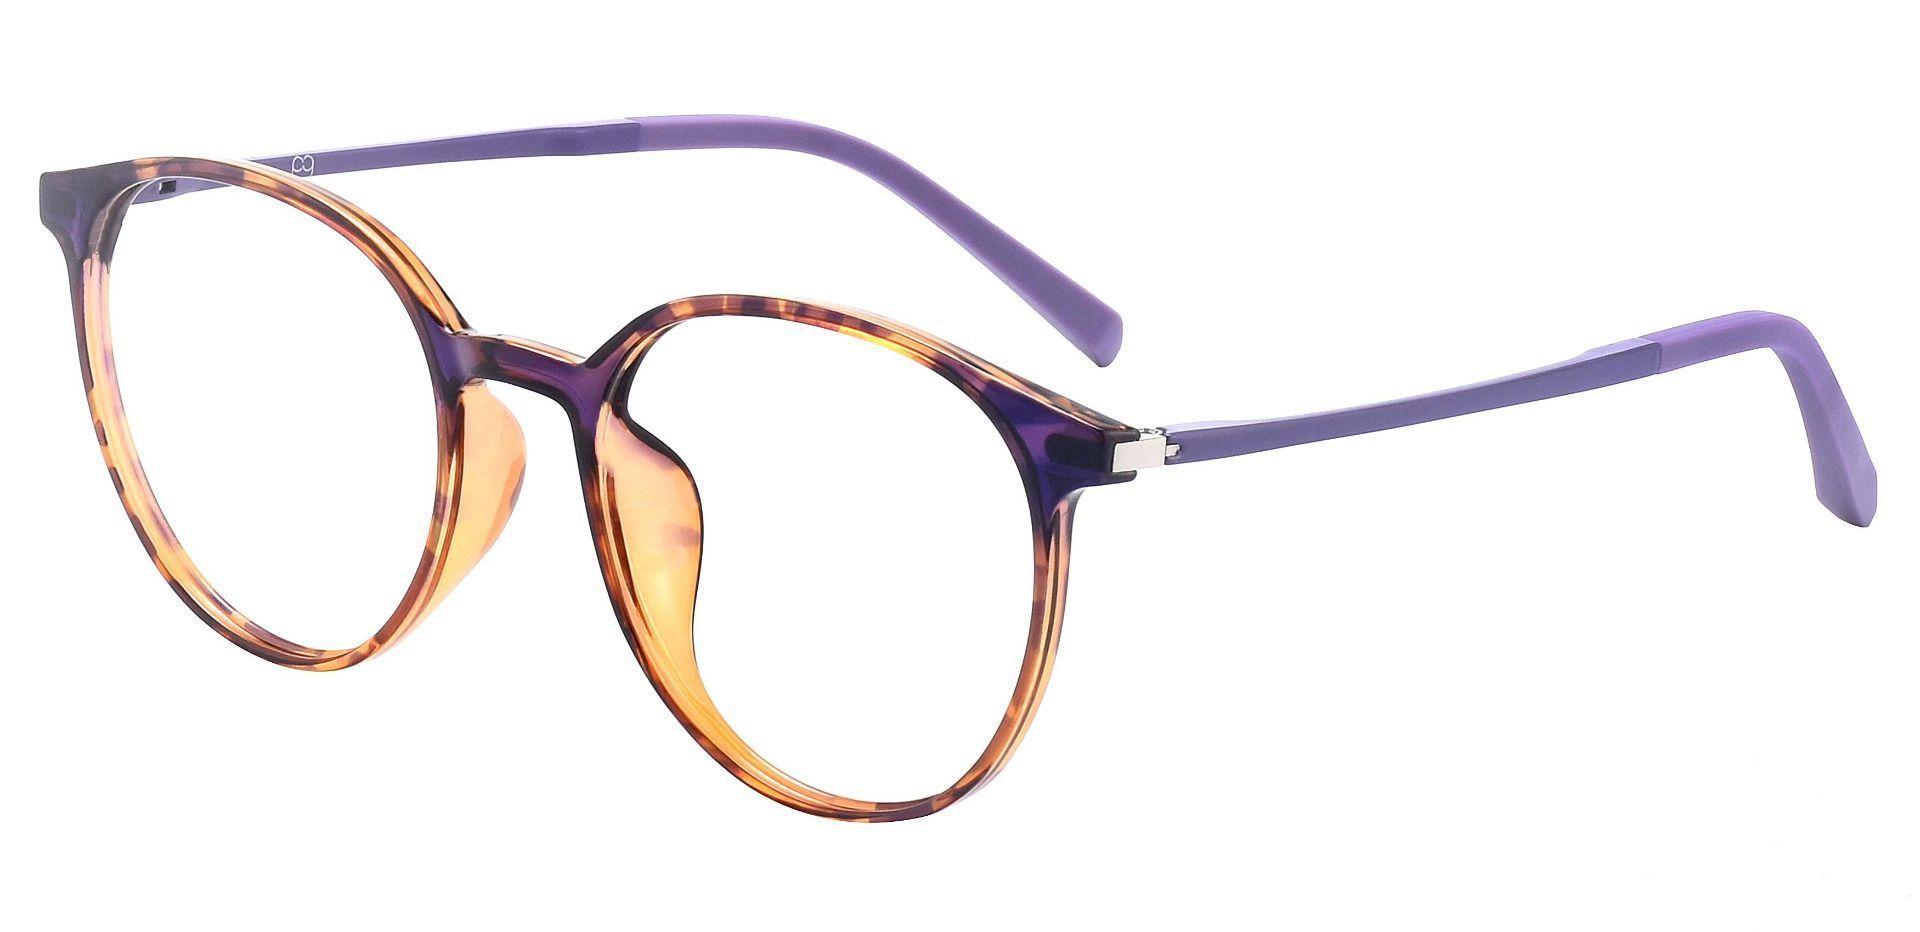 Adelaide Oval Prescription Glasses - Tortoise